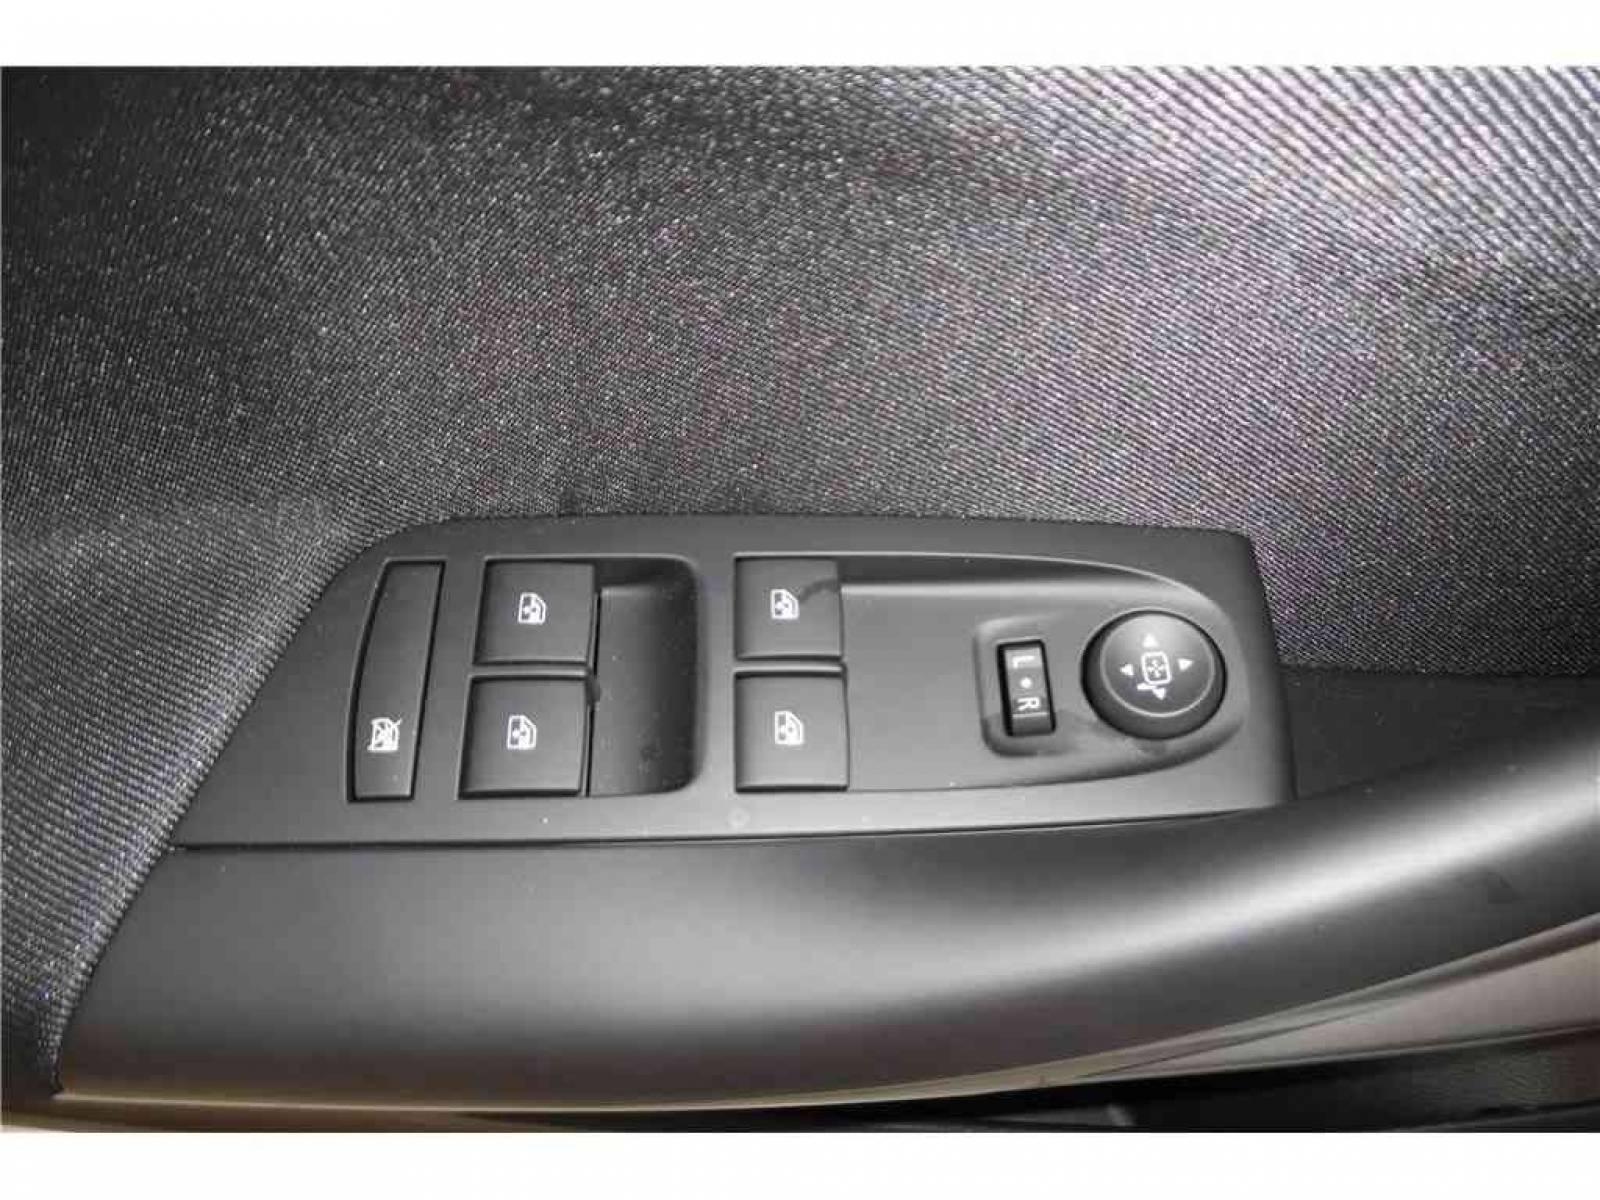 OPEL Astra 1.5 Diesel 122 ch BVA9 - véhicule d'occasion - Groupe Guillet - Opel Magicauto - Montceau-les-Mines - 71300 - Montceau-les-Mines - 19